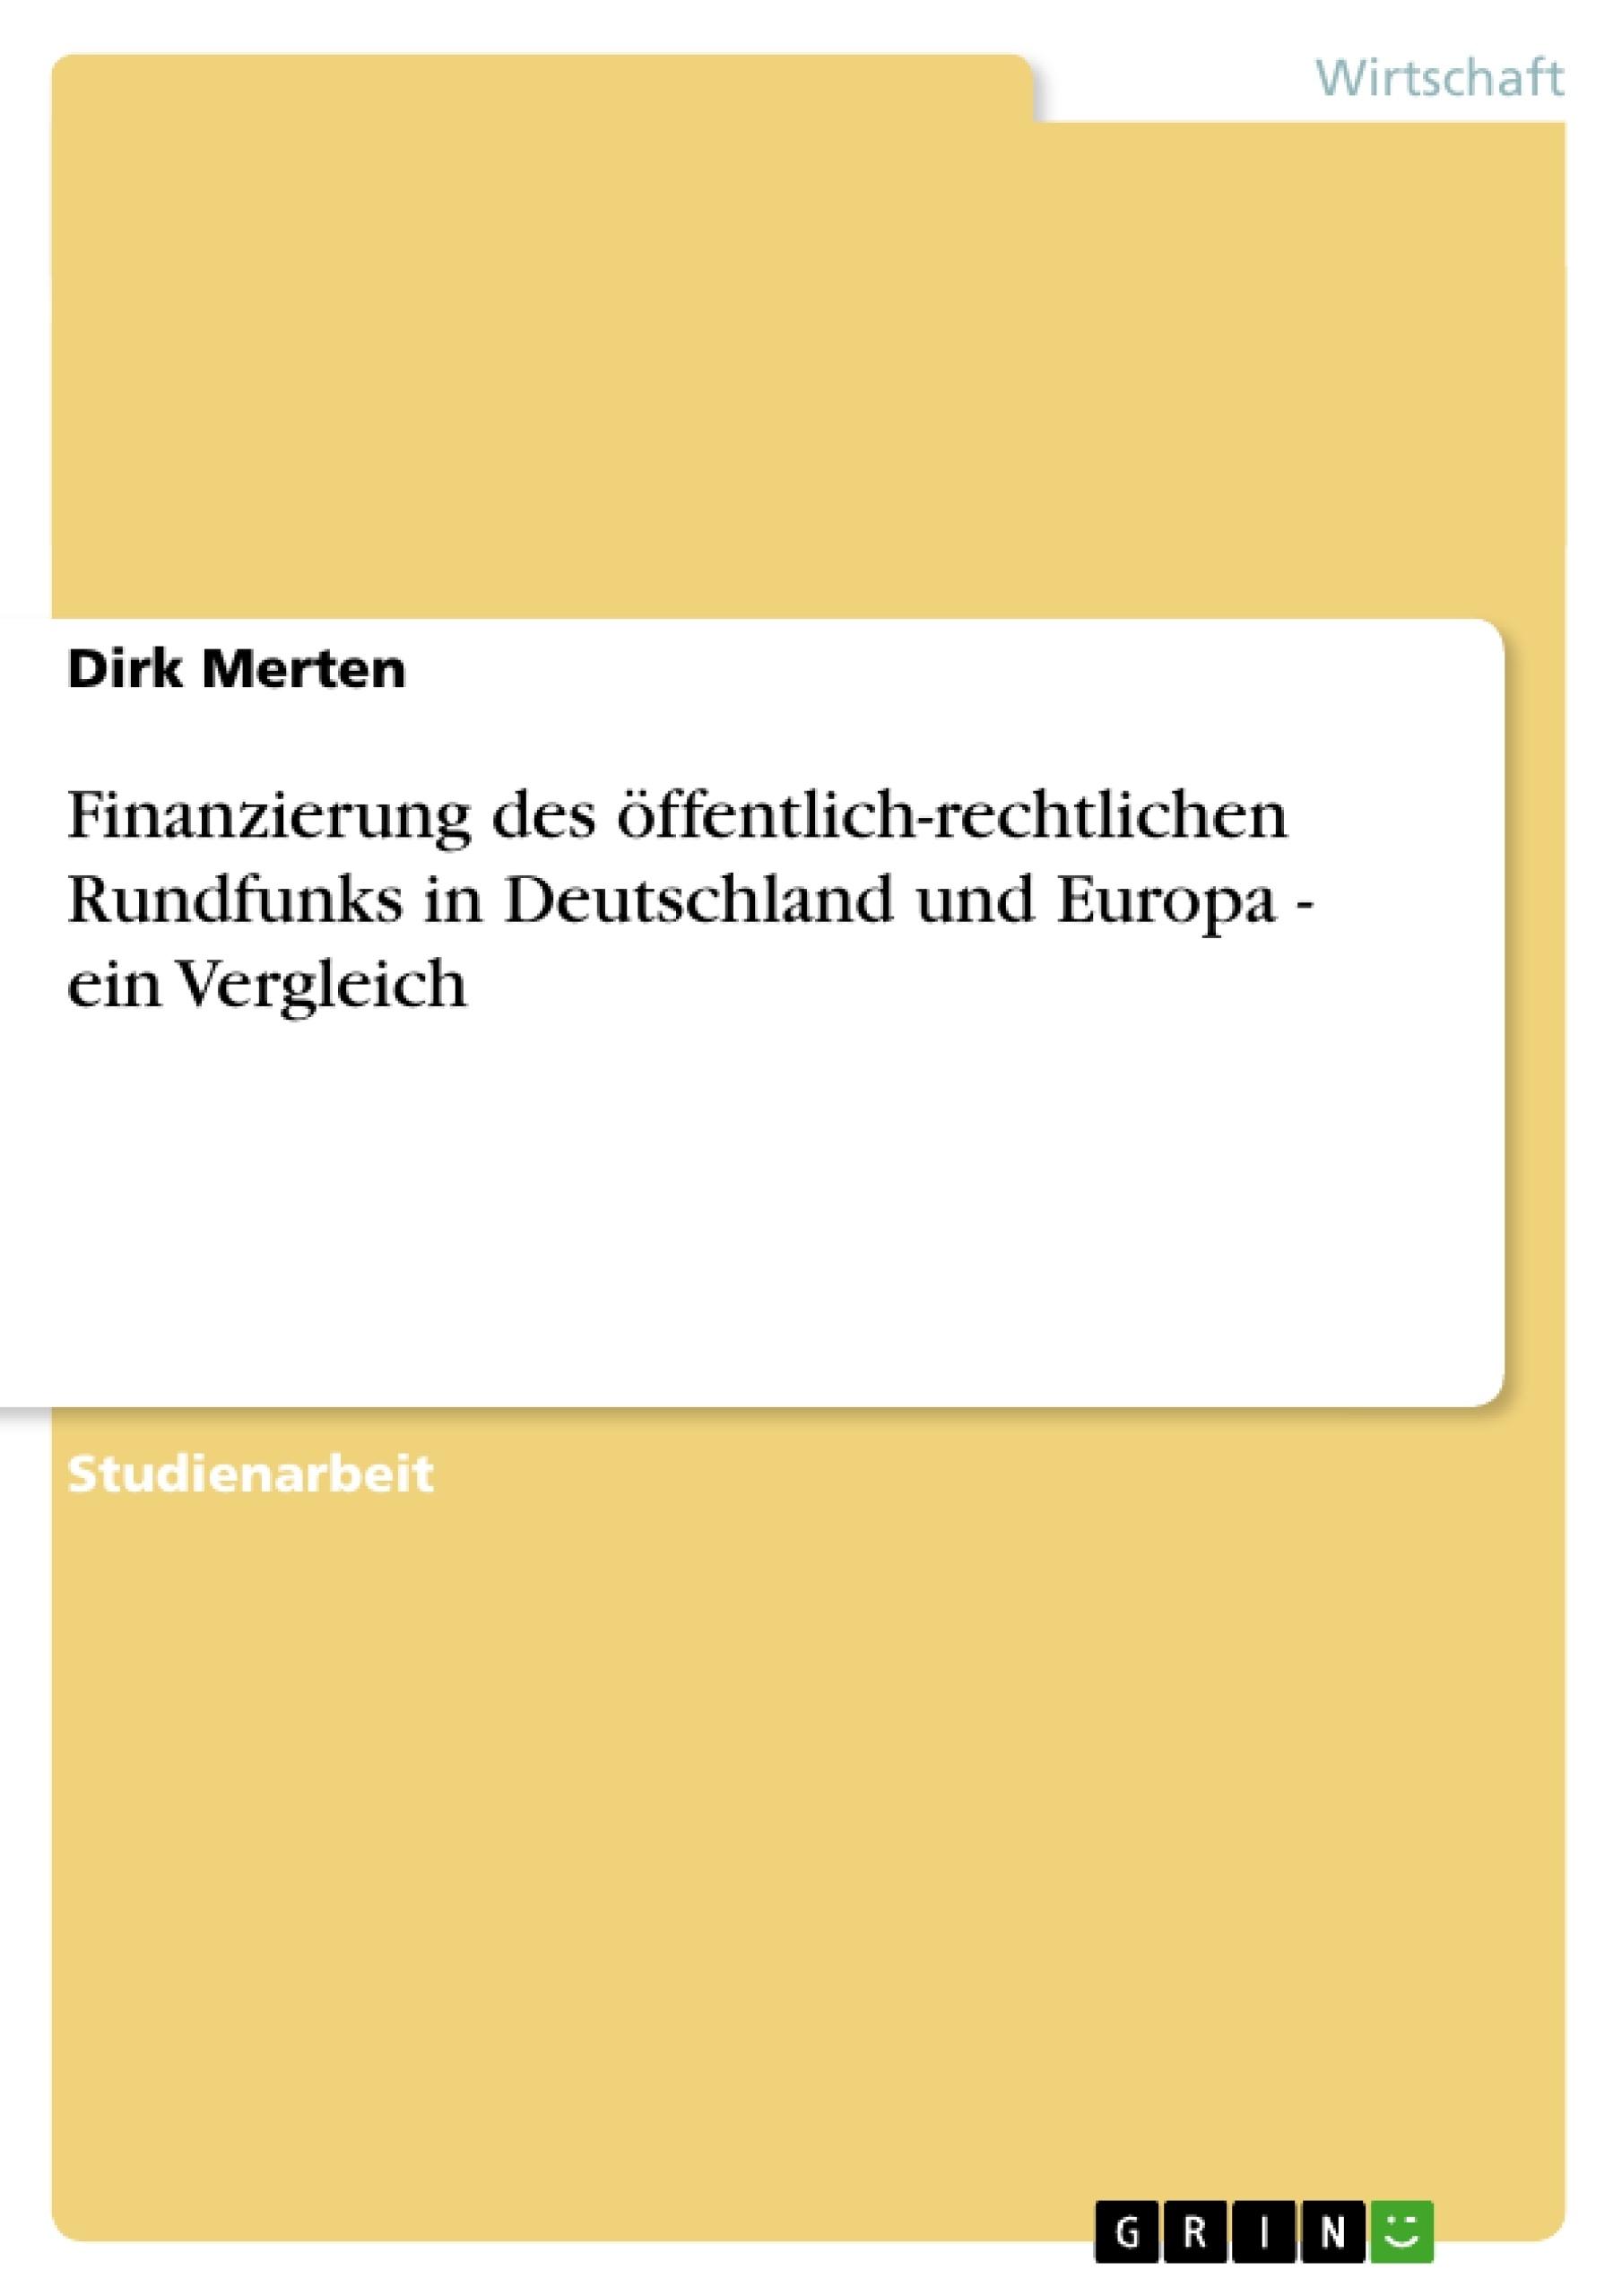 Titel: Finanzierung des öffentlich-rechtlichen Rundfunks in Deutschland und Europa - ein Vergleich